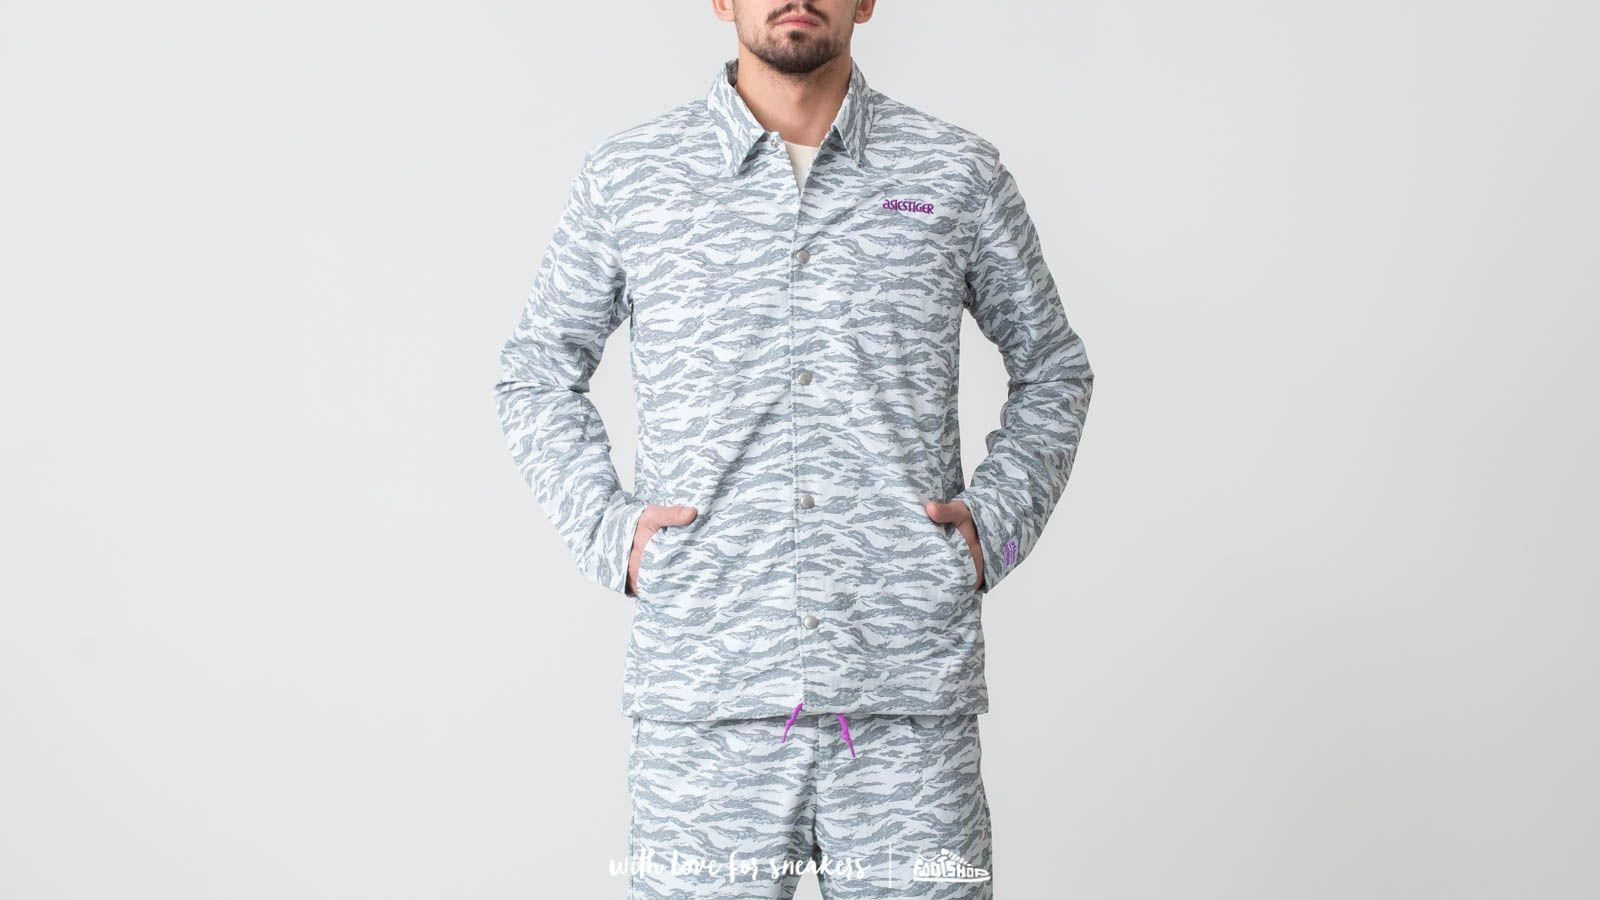 Asics Camo Jacket Glacier Grey za skvělou cenu 1 190 Kč koupíte na Footshop.cz